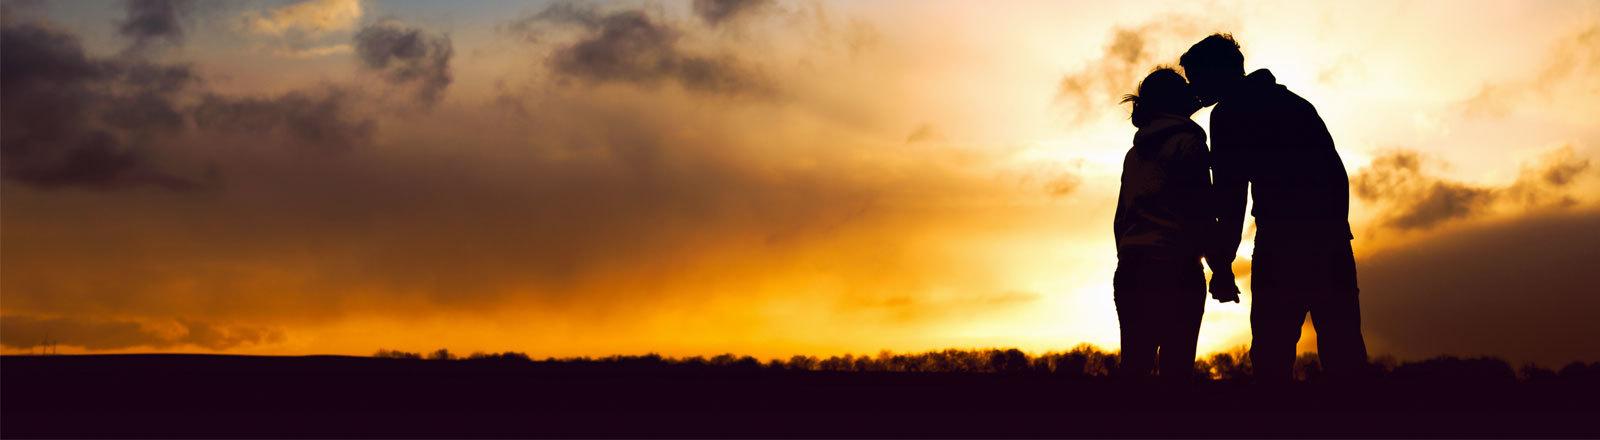 Zwei Menschen küssen sich im Sonnenuntergang